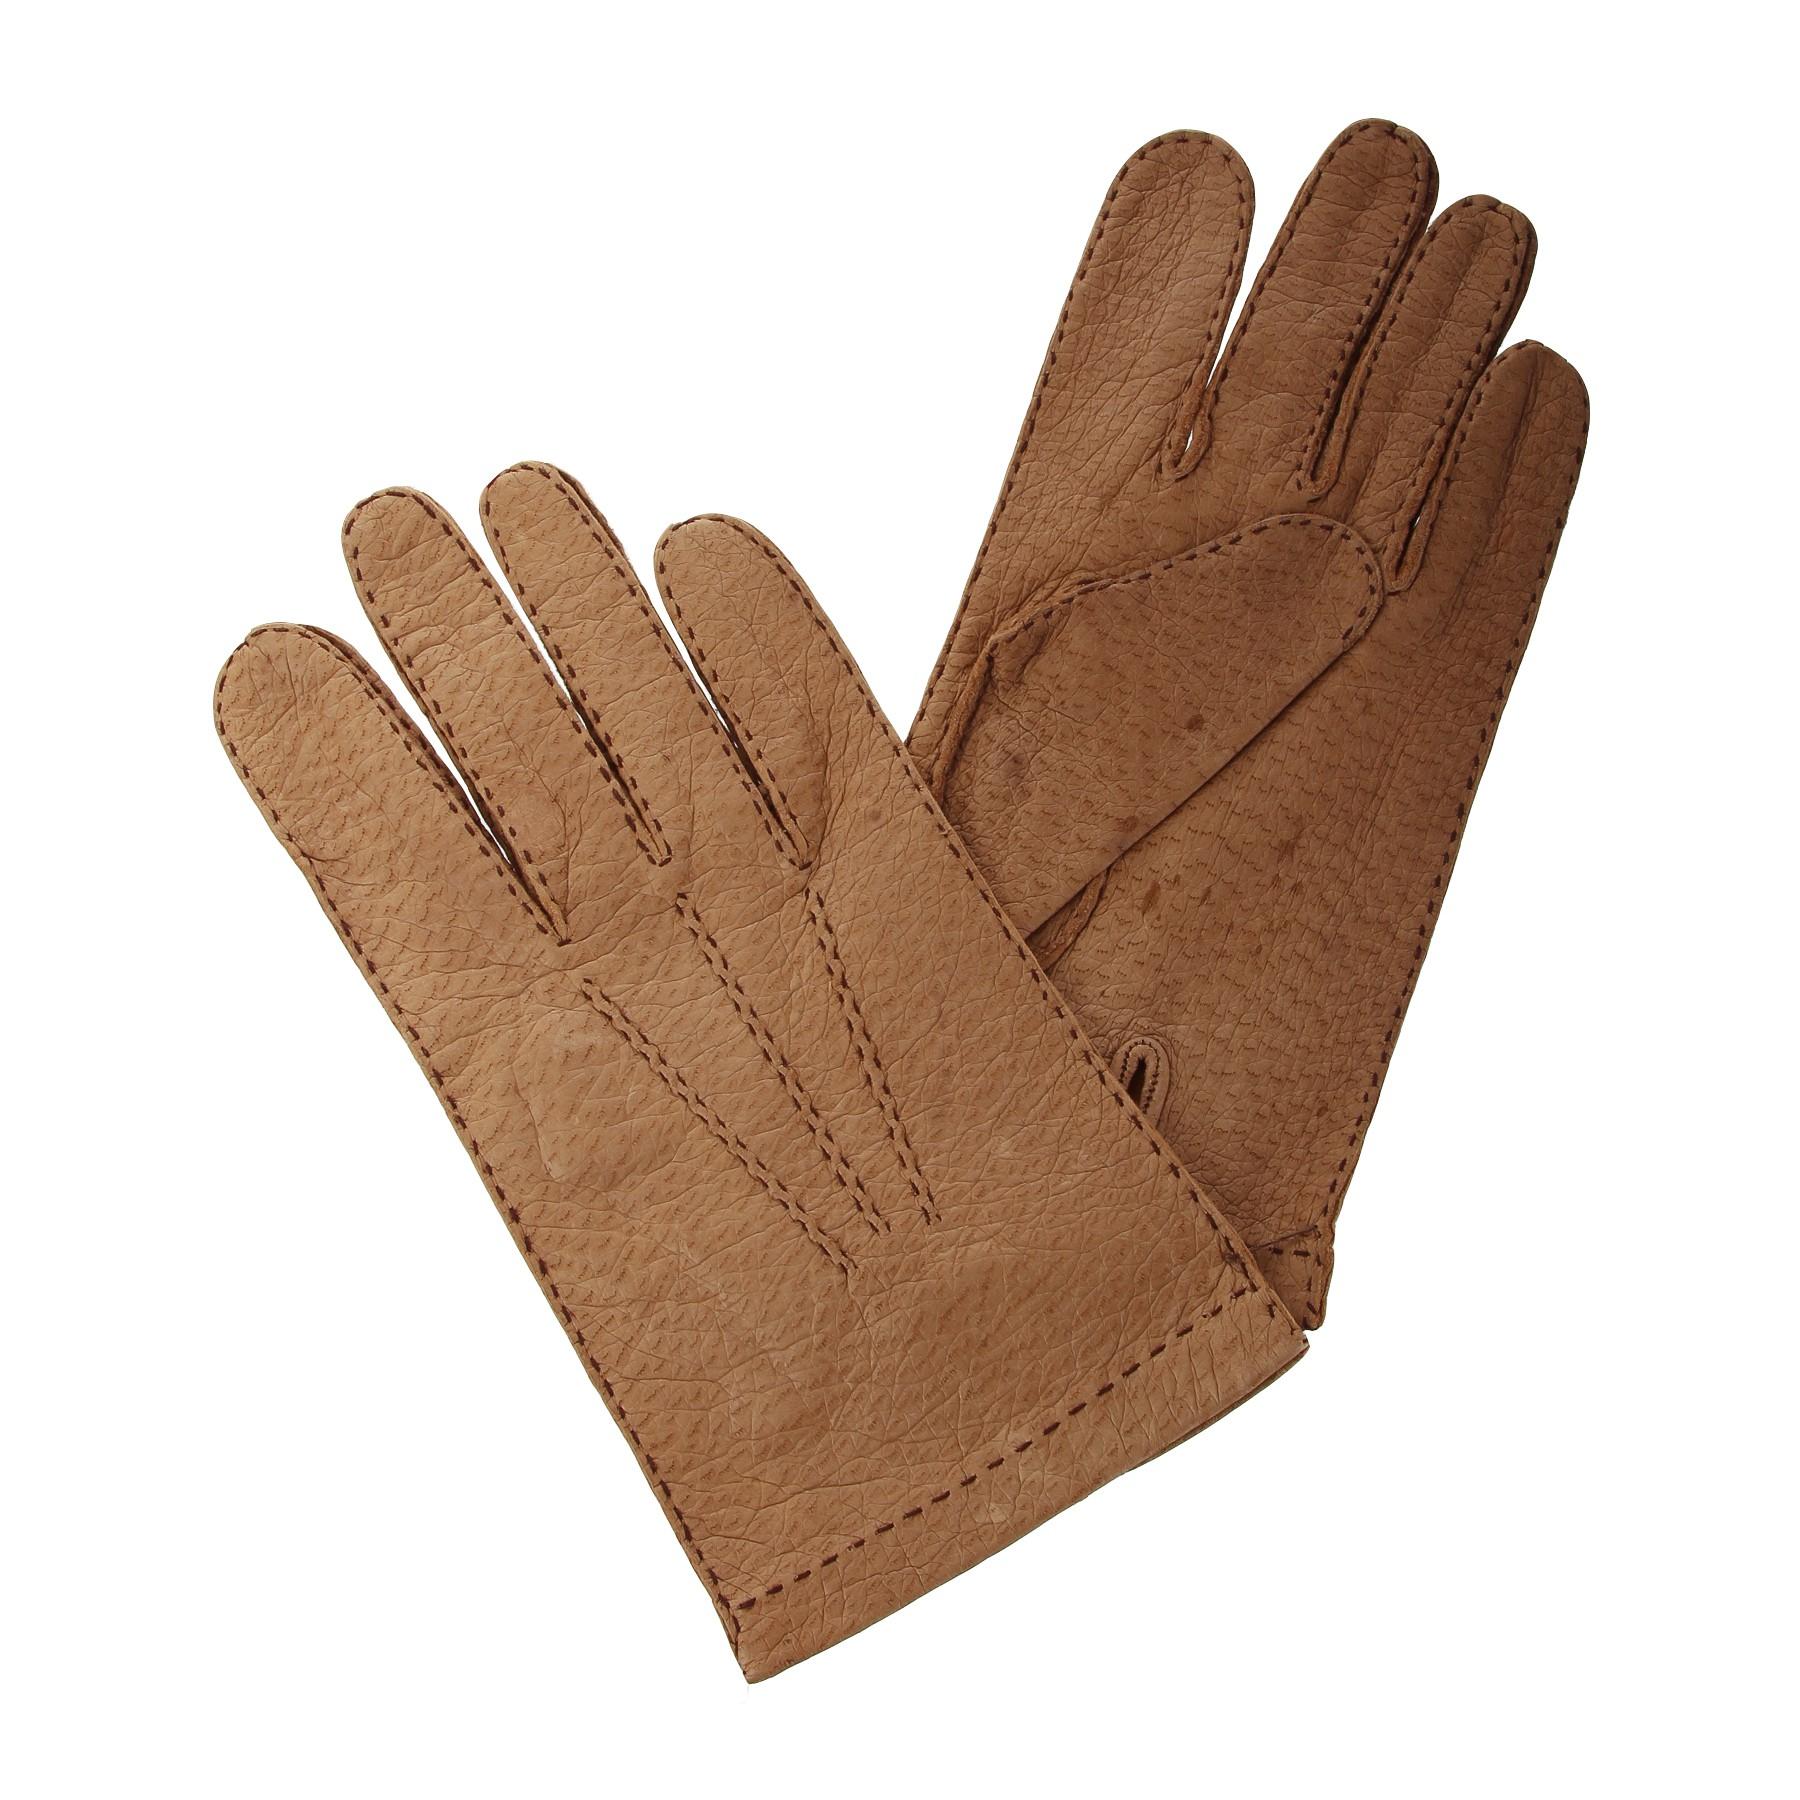 OTTO KESSLER Herren Handschuhe, Peccaryleder braun Bild https://cdn03.plentymarkets.com/zsy4vjx32p87/item/images/4625/full/912112719100-ama-01.JPG